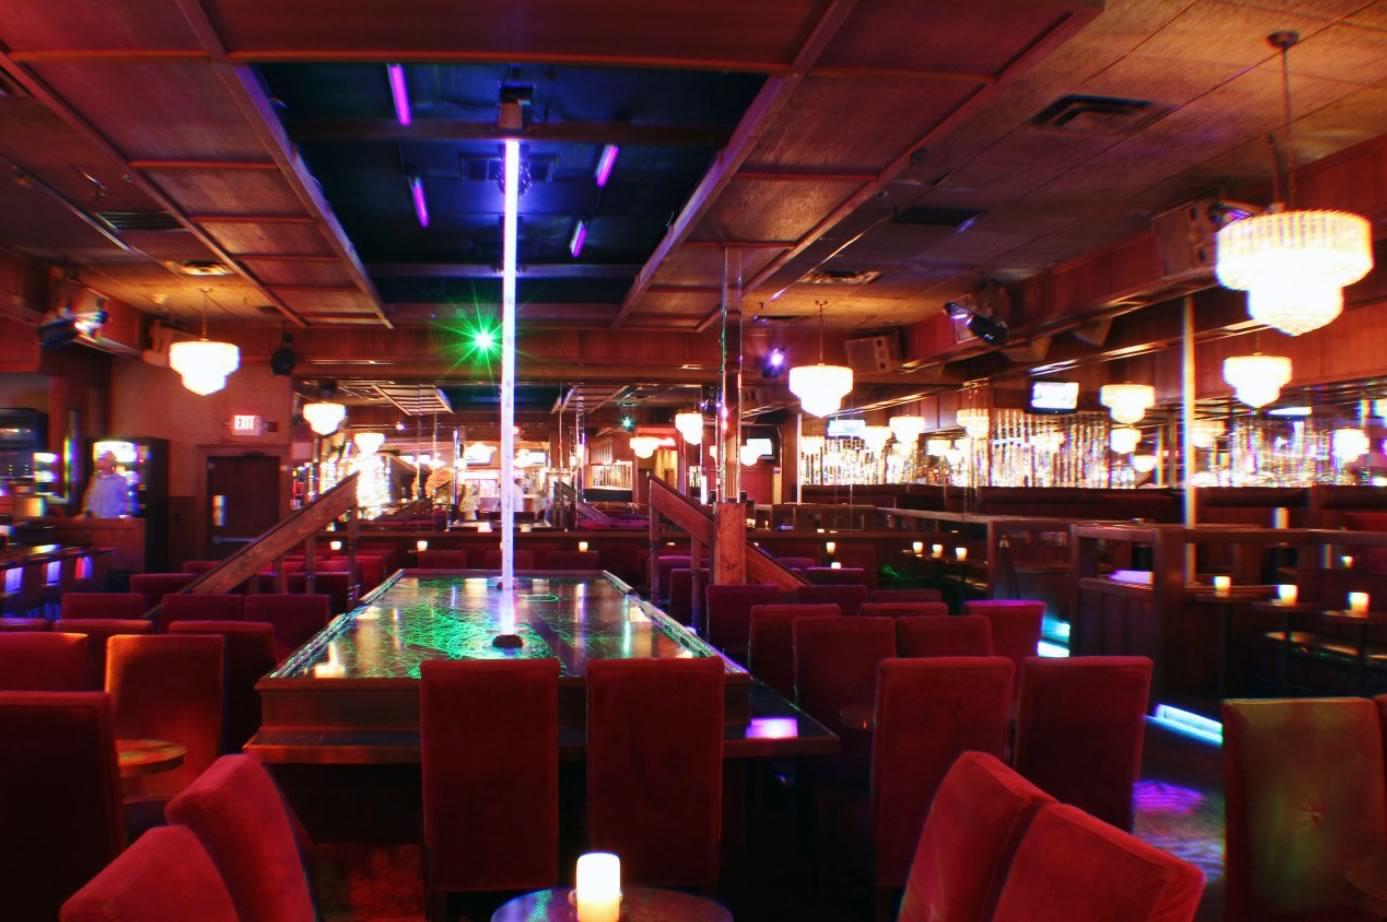 #1 club strip club in Orlando